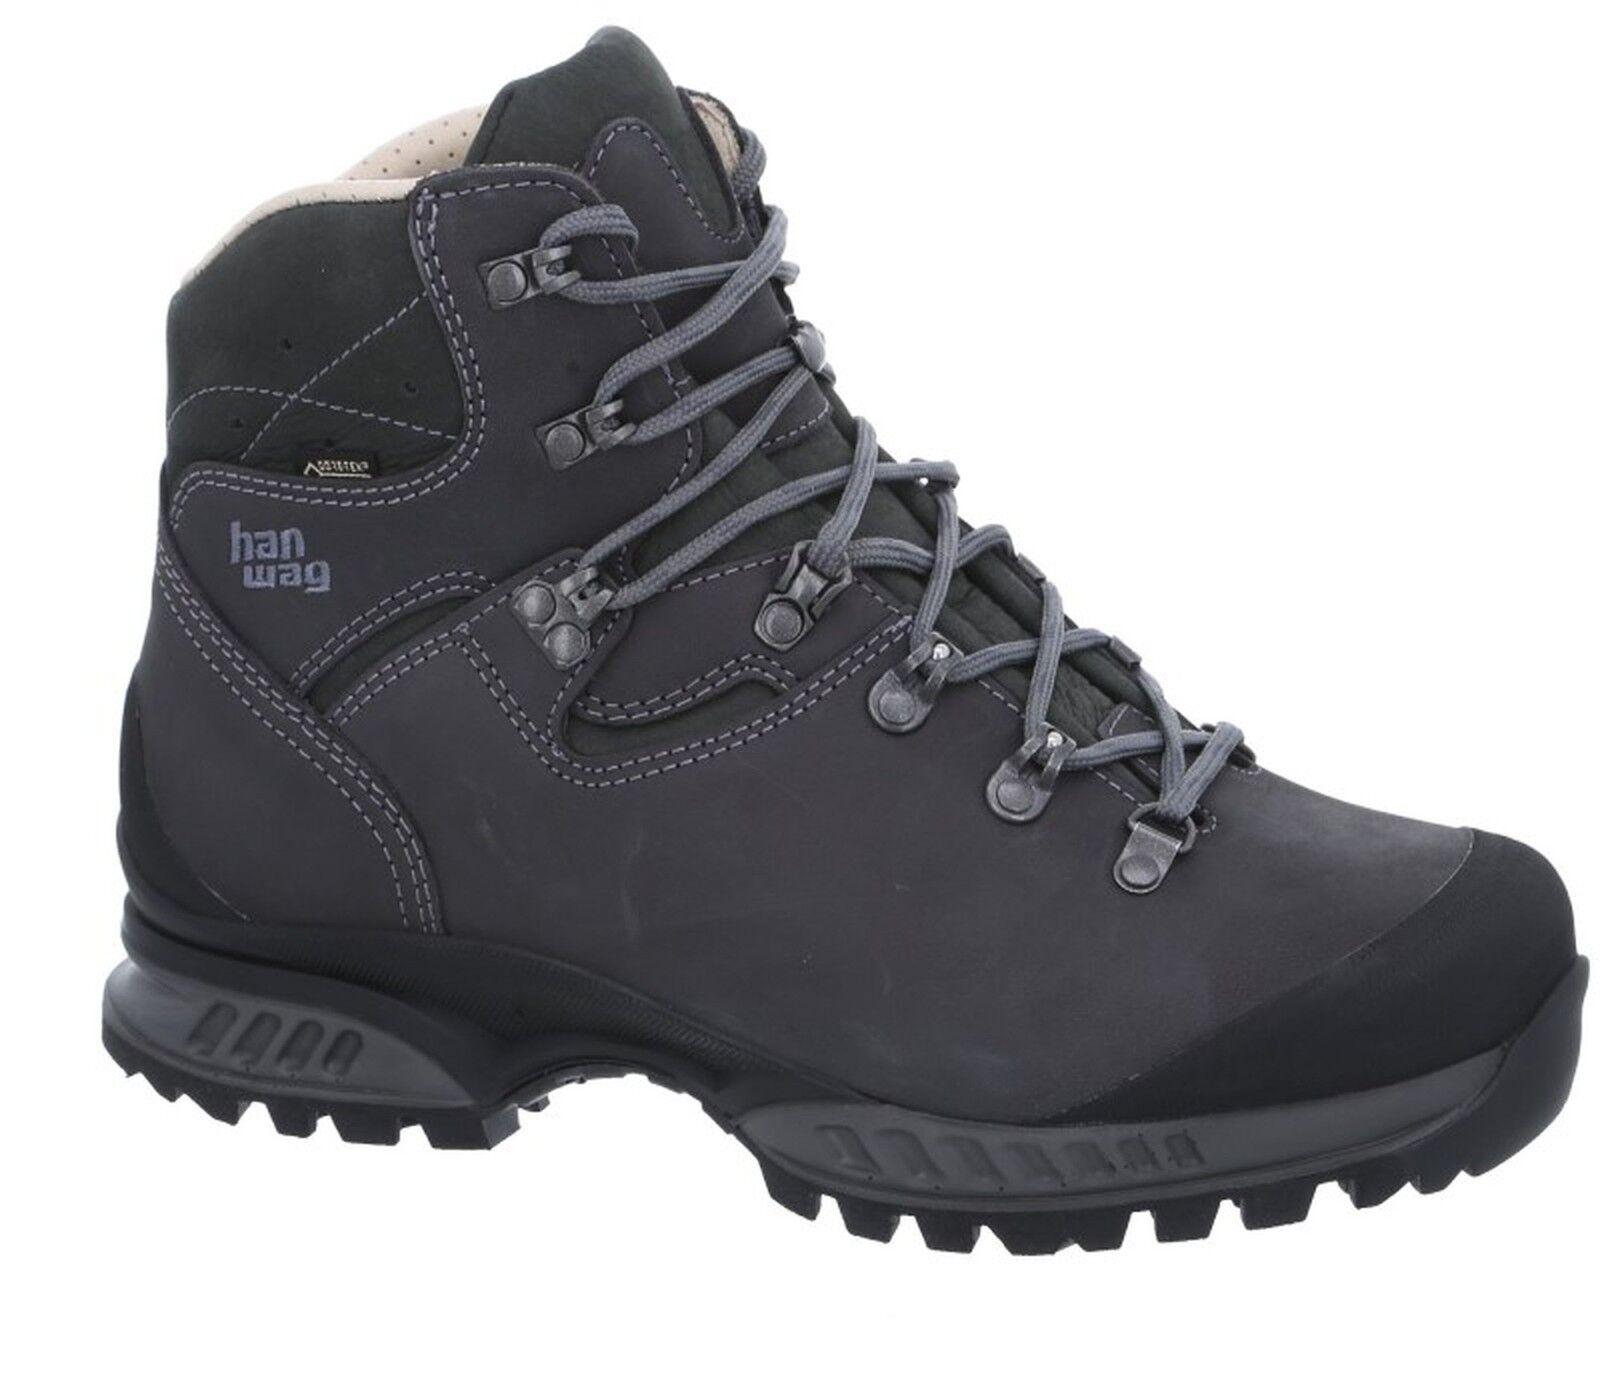 Hanwag montaña zapatos  Tatra II GTX tamaño 10 - 44,5 asfalto  tienda de descuento